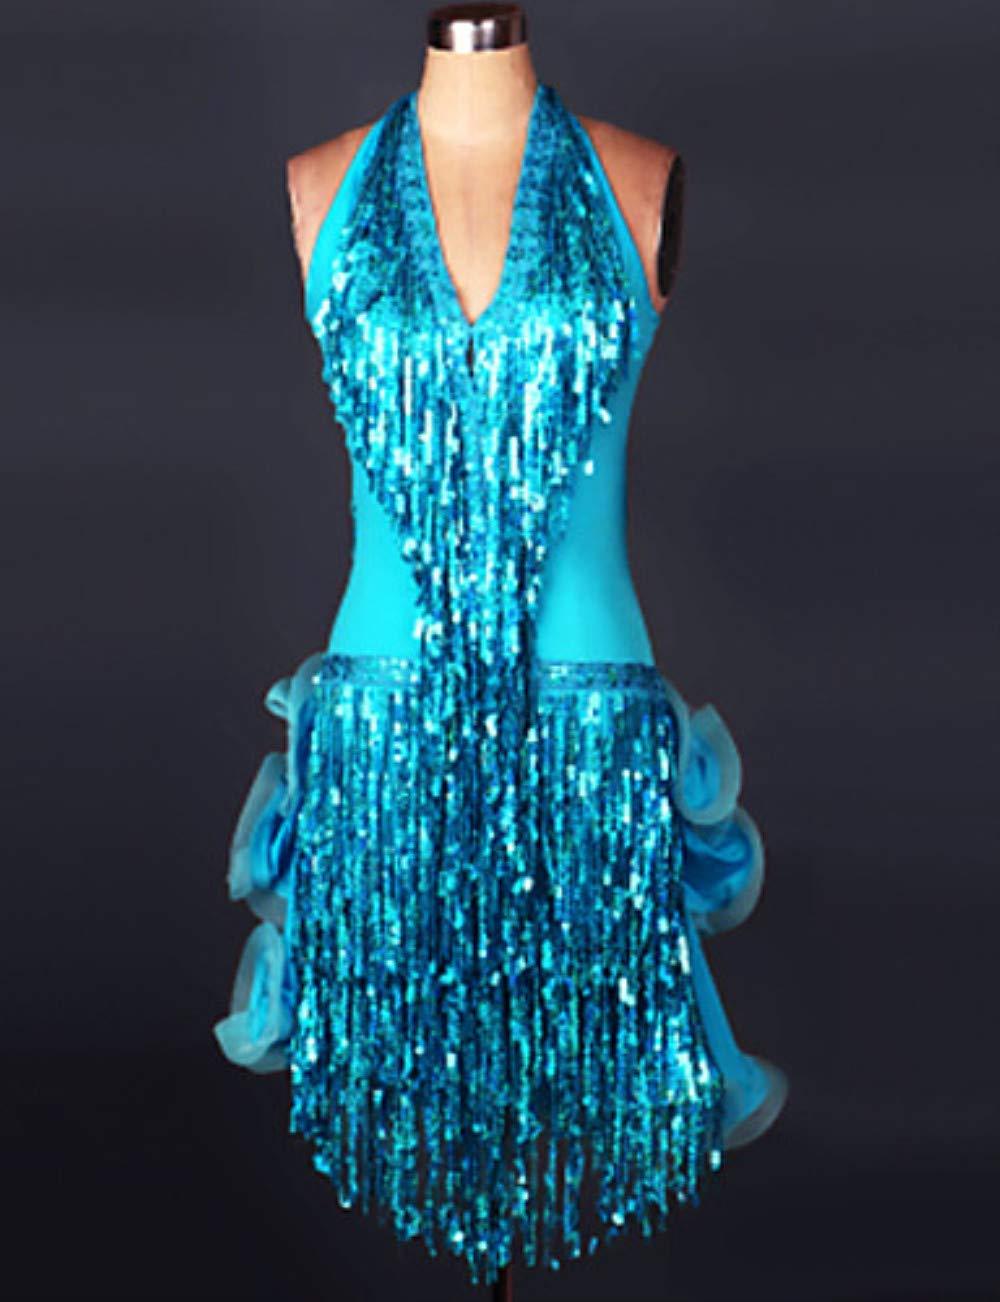 正規品販売! ラテンダンスドレス & & スカート女性のトレーニングパフォーマンススパンデックススパンコールシャーリングタッセルノースリーブドレスサンバ B07PCQ3YSZ B07PCQ3YSZ XL|Blue XL|Blue Blue XL, スントウグン:0bda4771 --- a0267596.xsph.ru